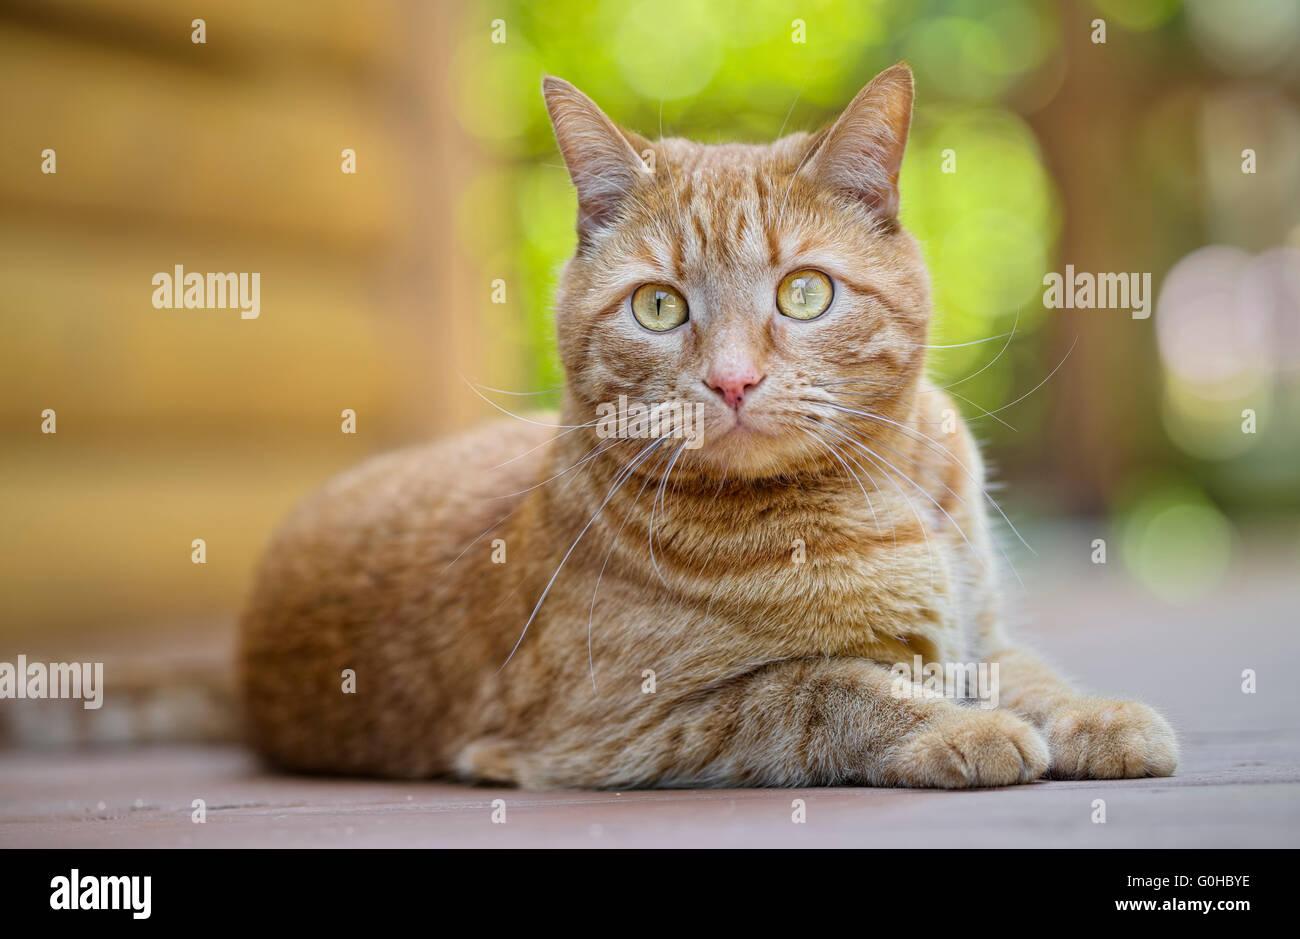 Gato atigrado naranja macho acostado afuera, prestando atención al entorno Imagen De Stock